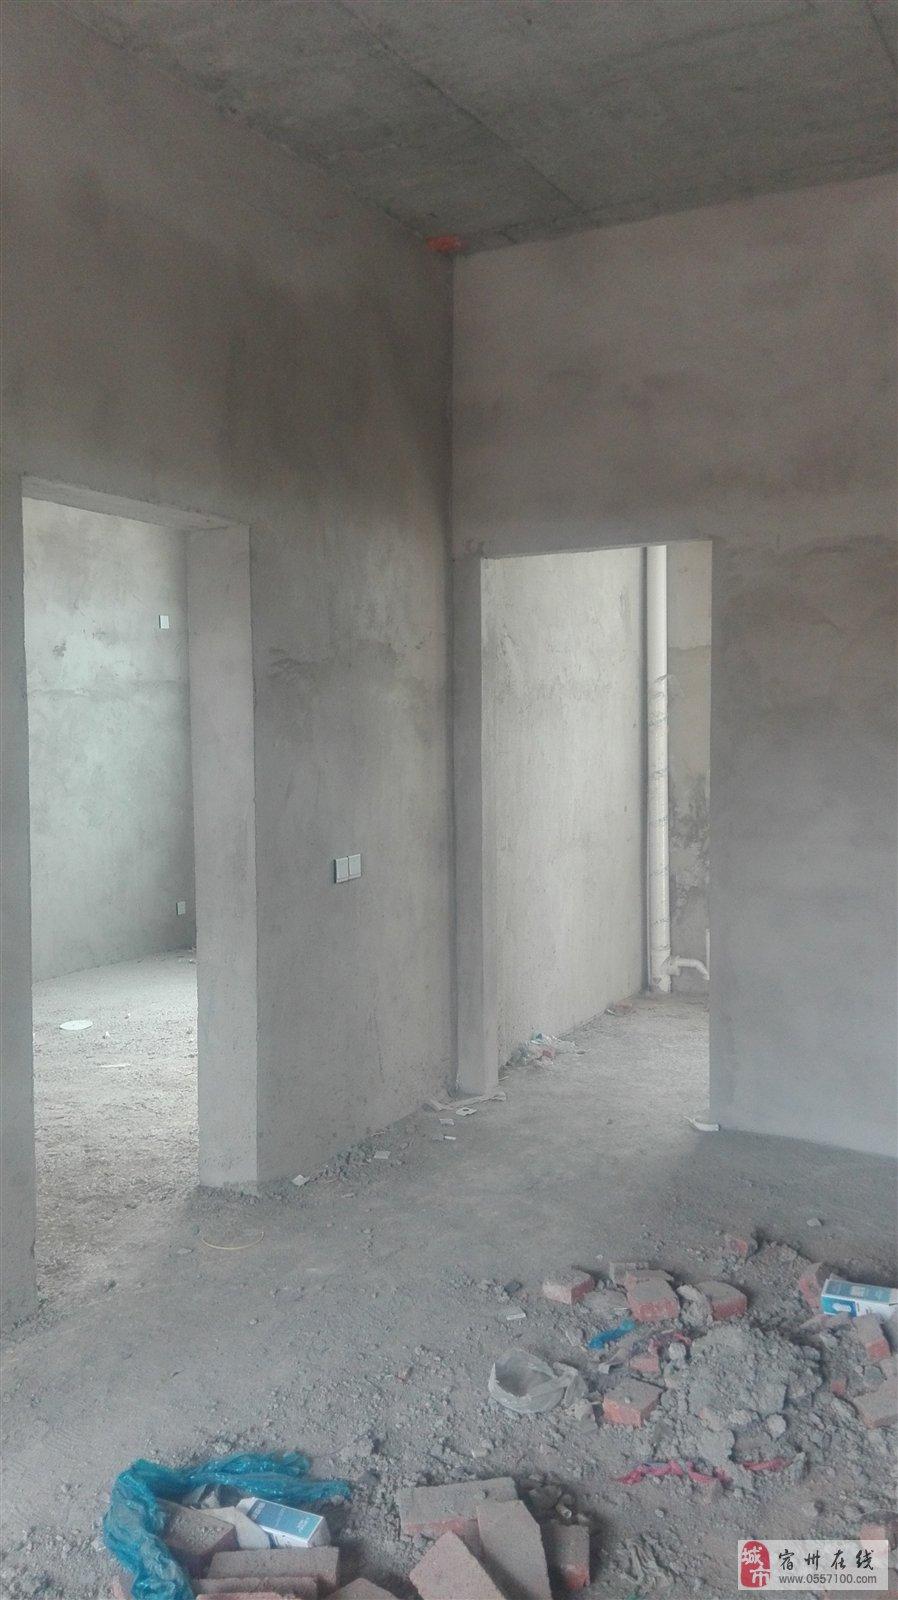 全新自建房出售,两间两层,离新二中很近,三个卧室两个卫生